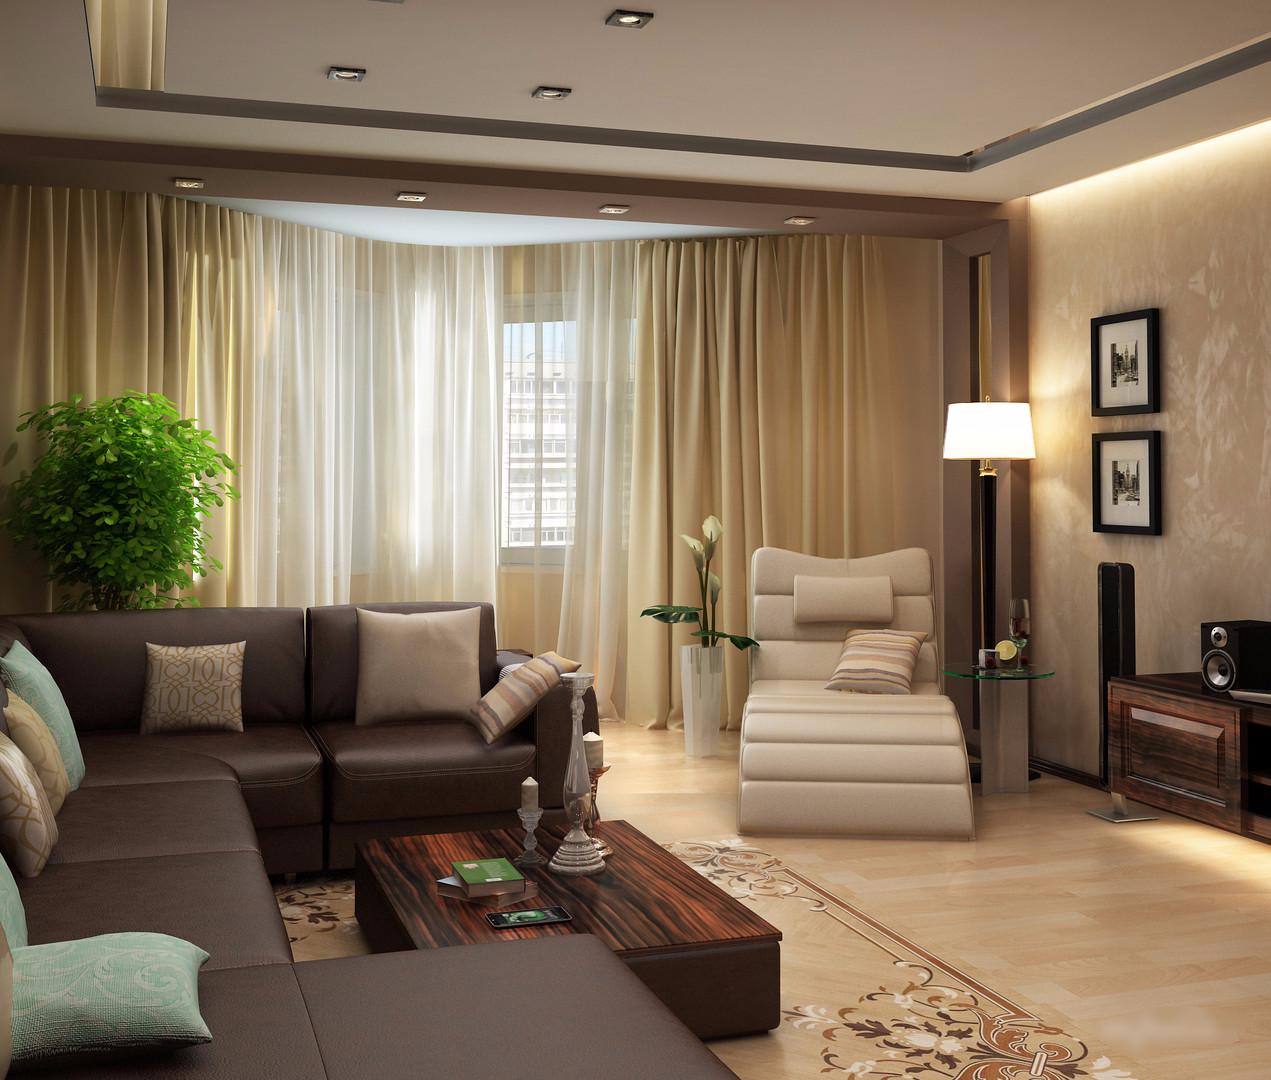 Дизайн зала 20 кв м в квартире с камином 36